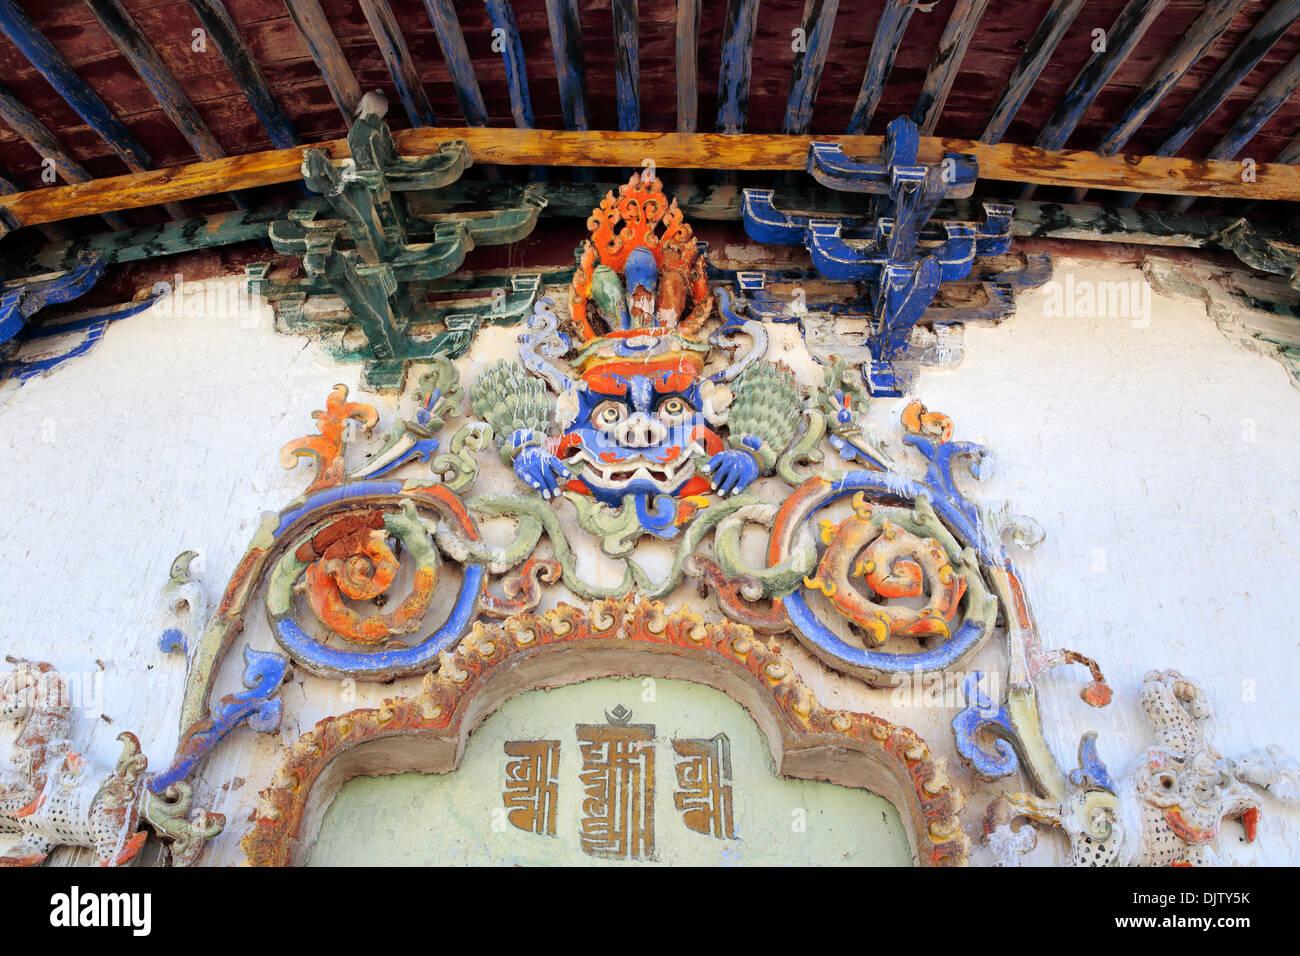 Kumbum Stupa (1439), Palcho Monastery (Pelkor Chode, Shekar Gyantse), Gyantse County, Shigatse Prefecture, Tibet, China - Stock Image